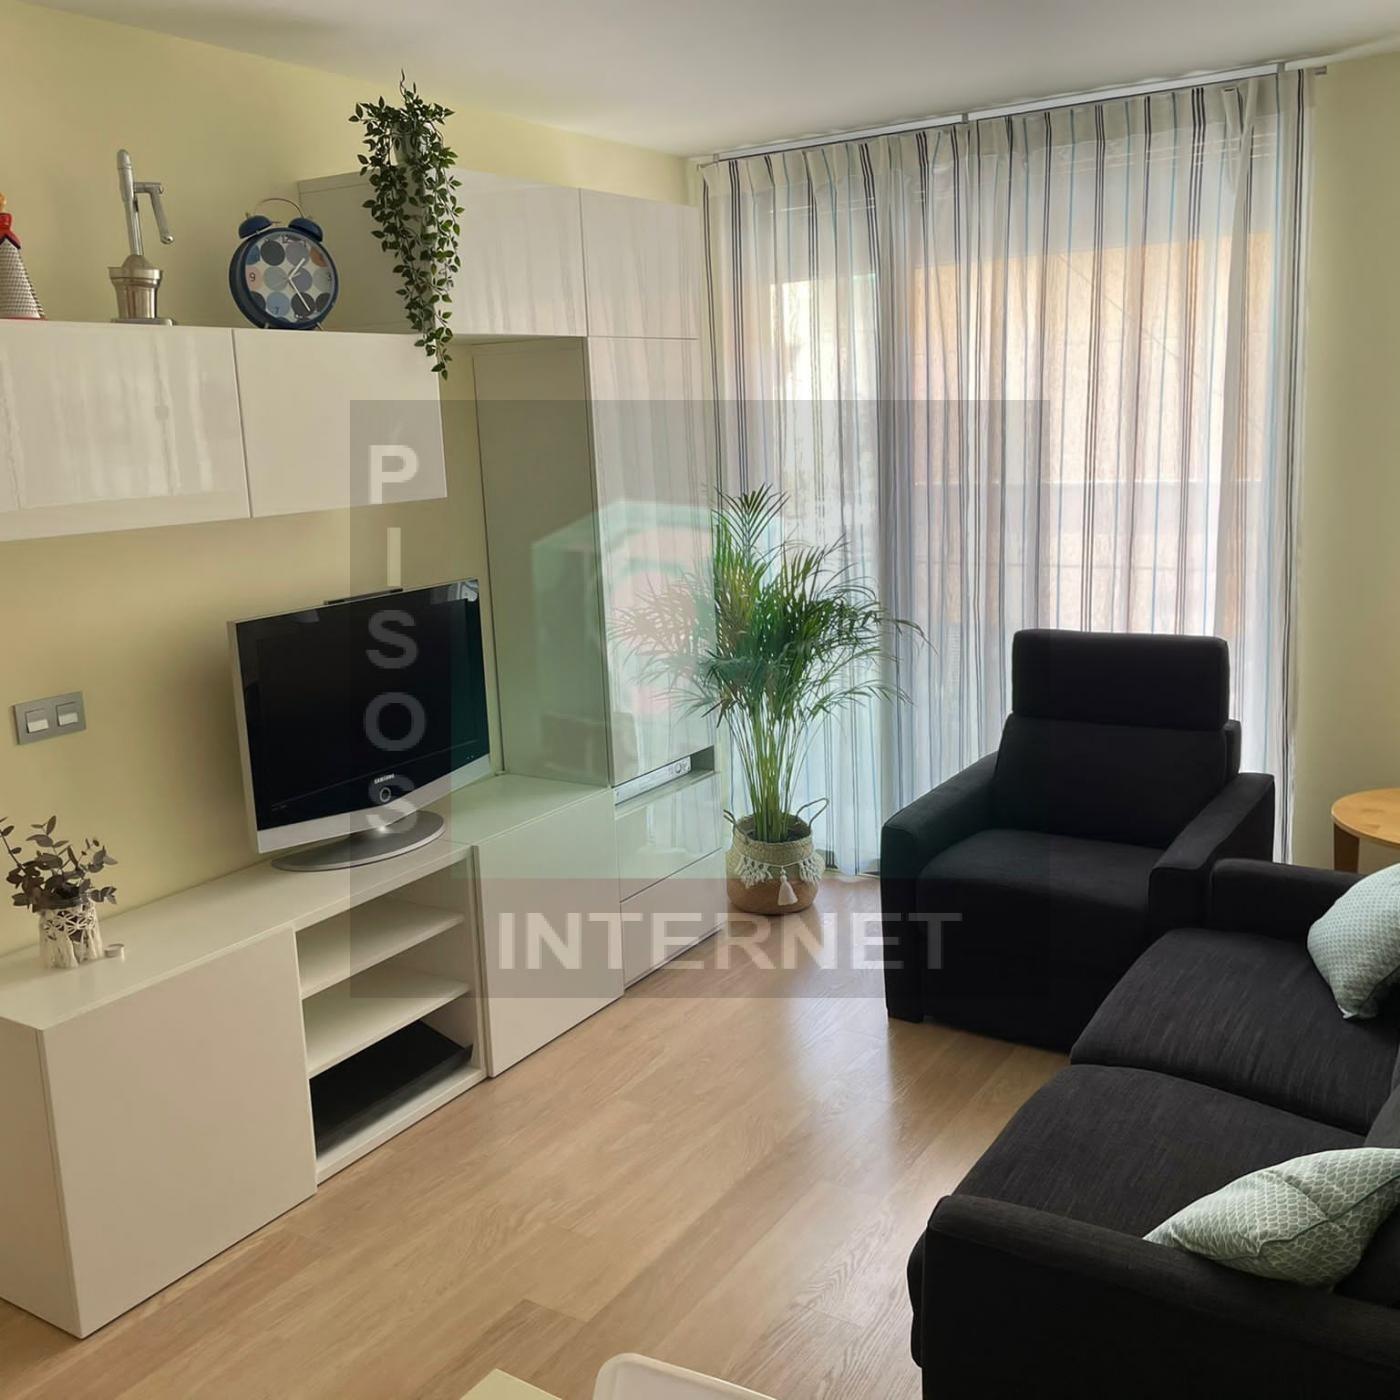 Alquiler apartamento con miuebles